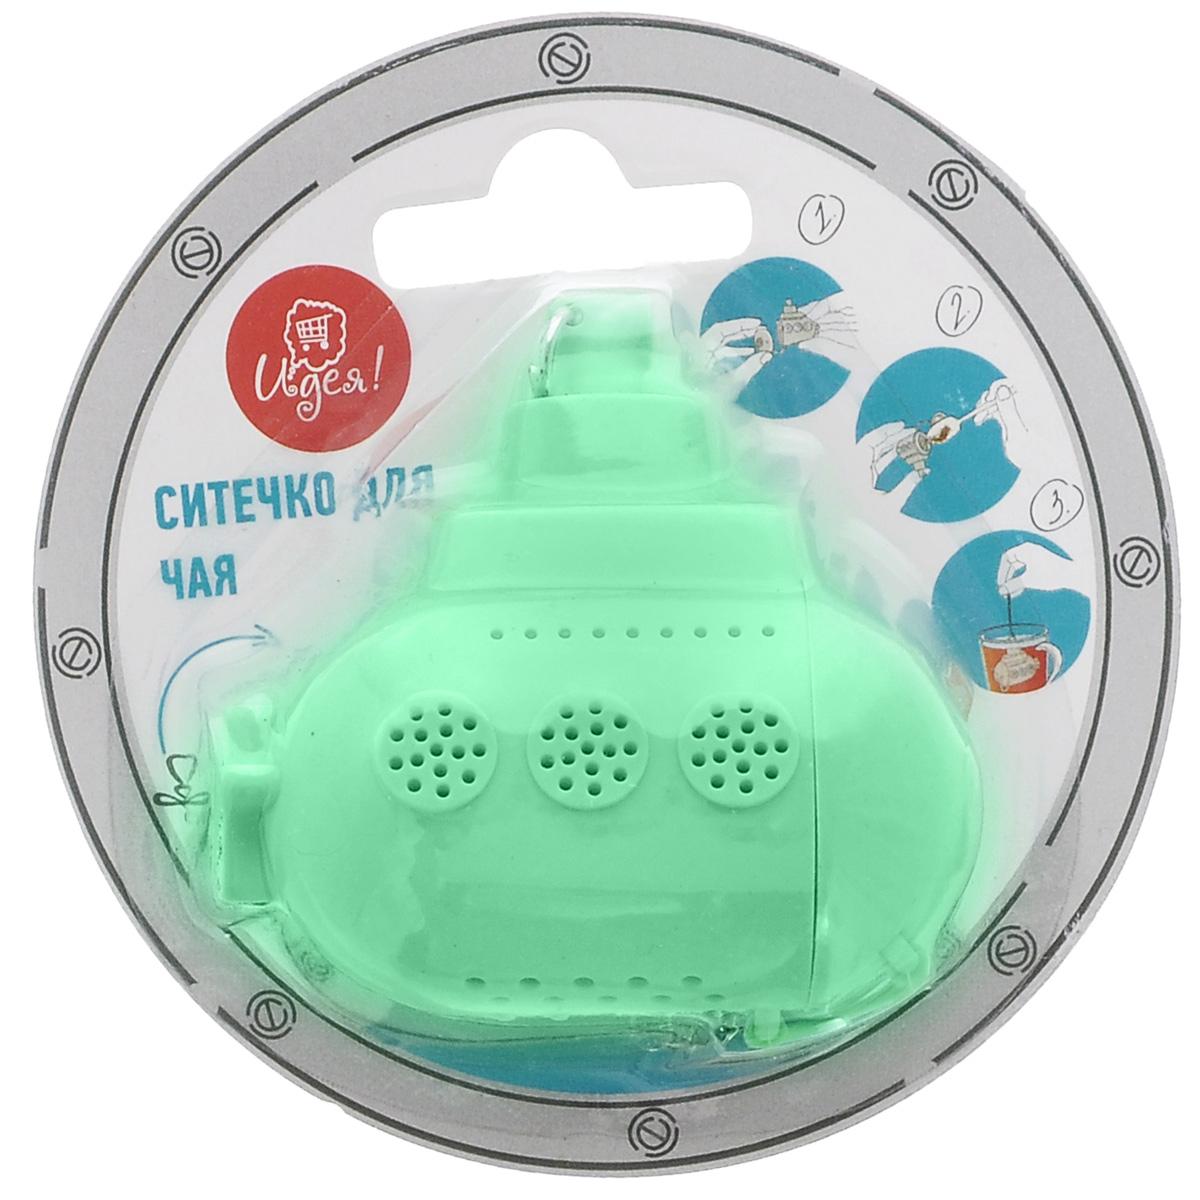 Ситечко для чая Идея Субмарина, цвет: светло-зеленыйVT-1520(SR)Ситечко Идея Субмарина прекрасно подходит для заваривания любого вида чая. Изделие выполнено из пищевого силикона в виде подводной лодки. Ситечком очень легко пользоваться. Просто насыпьте заварку внутрь и погрузите субмарину на дно кружки. Изделие снабжено металлической цепочкой с крючком на конце. Забавная и приятная вещица для вашего домашнего чаепития. Не рекомендуется мыть в посудомоечной машине. Размер фигурки: 6 см х 5,5 см х 3 см.